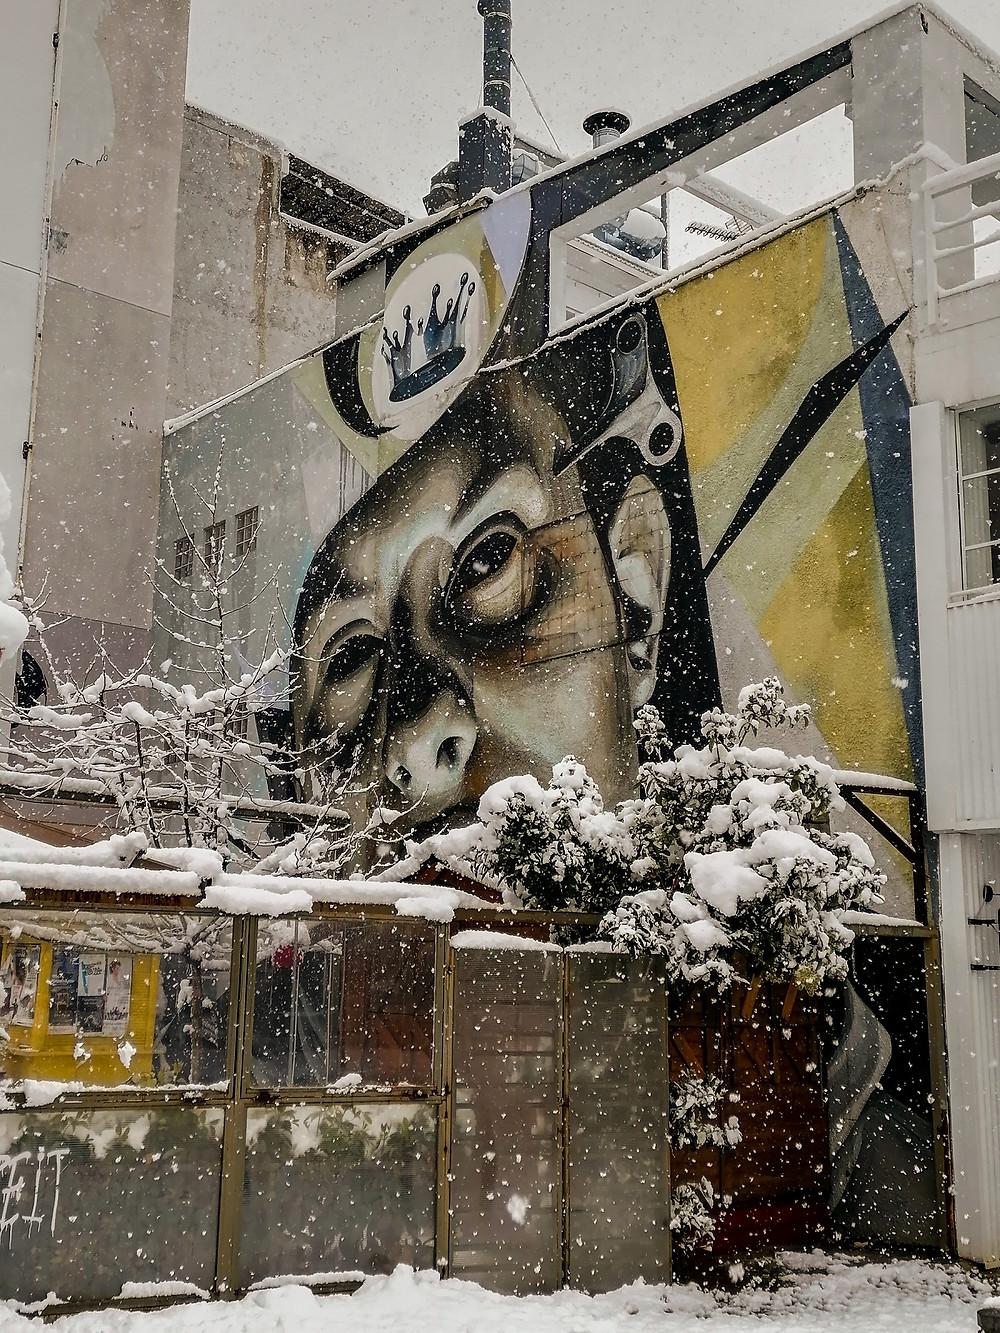 street art by Ino